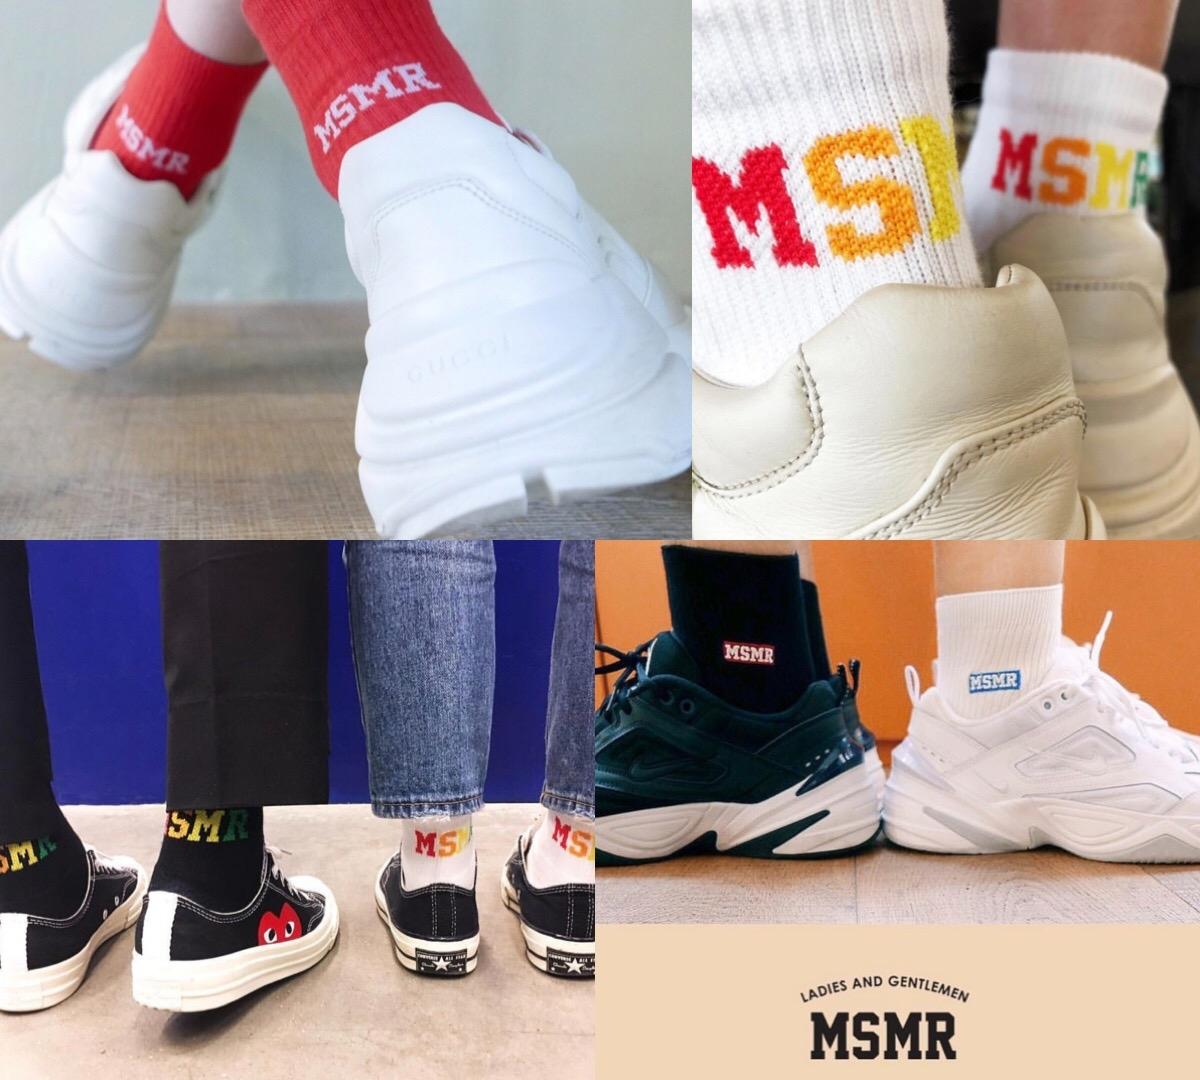 買襪子就送貼紙禮盒包裝和飲料!韓妞超愛NO.1的文青潮牌襪子店 『MSMR』去首爾必逛!